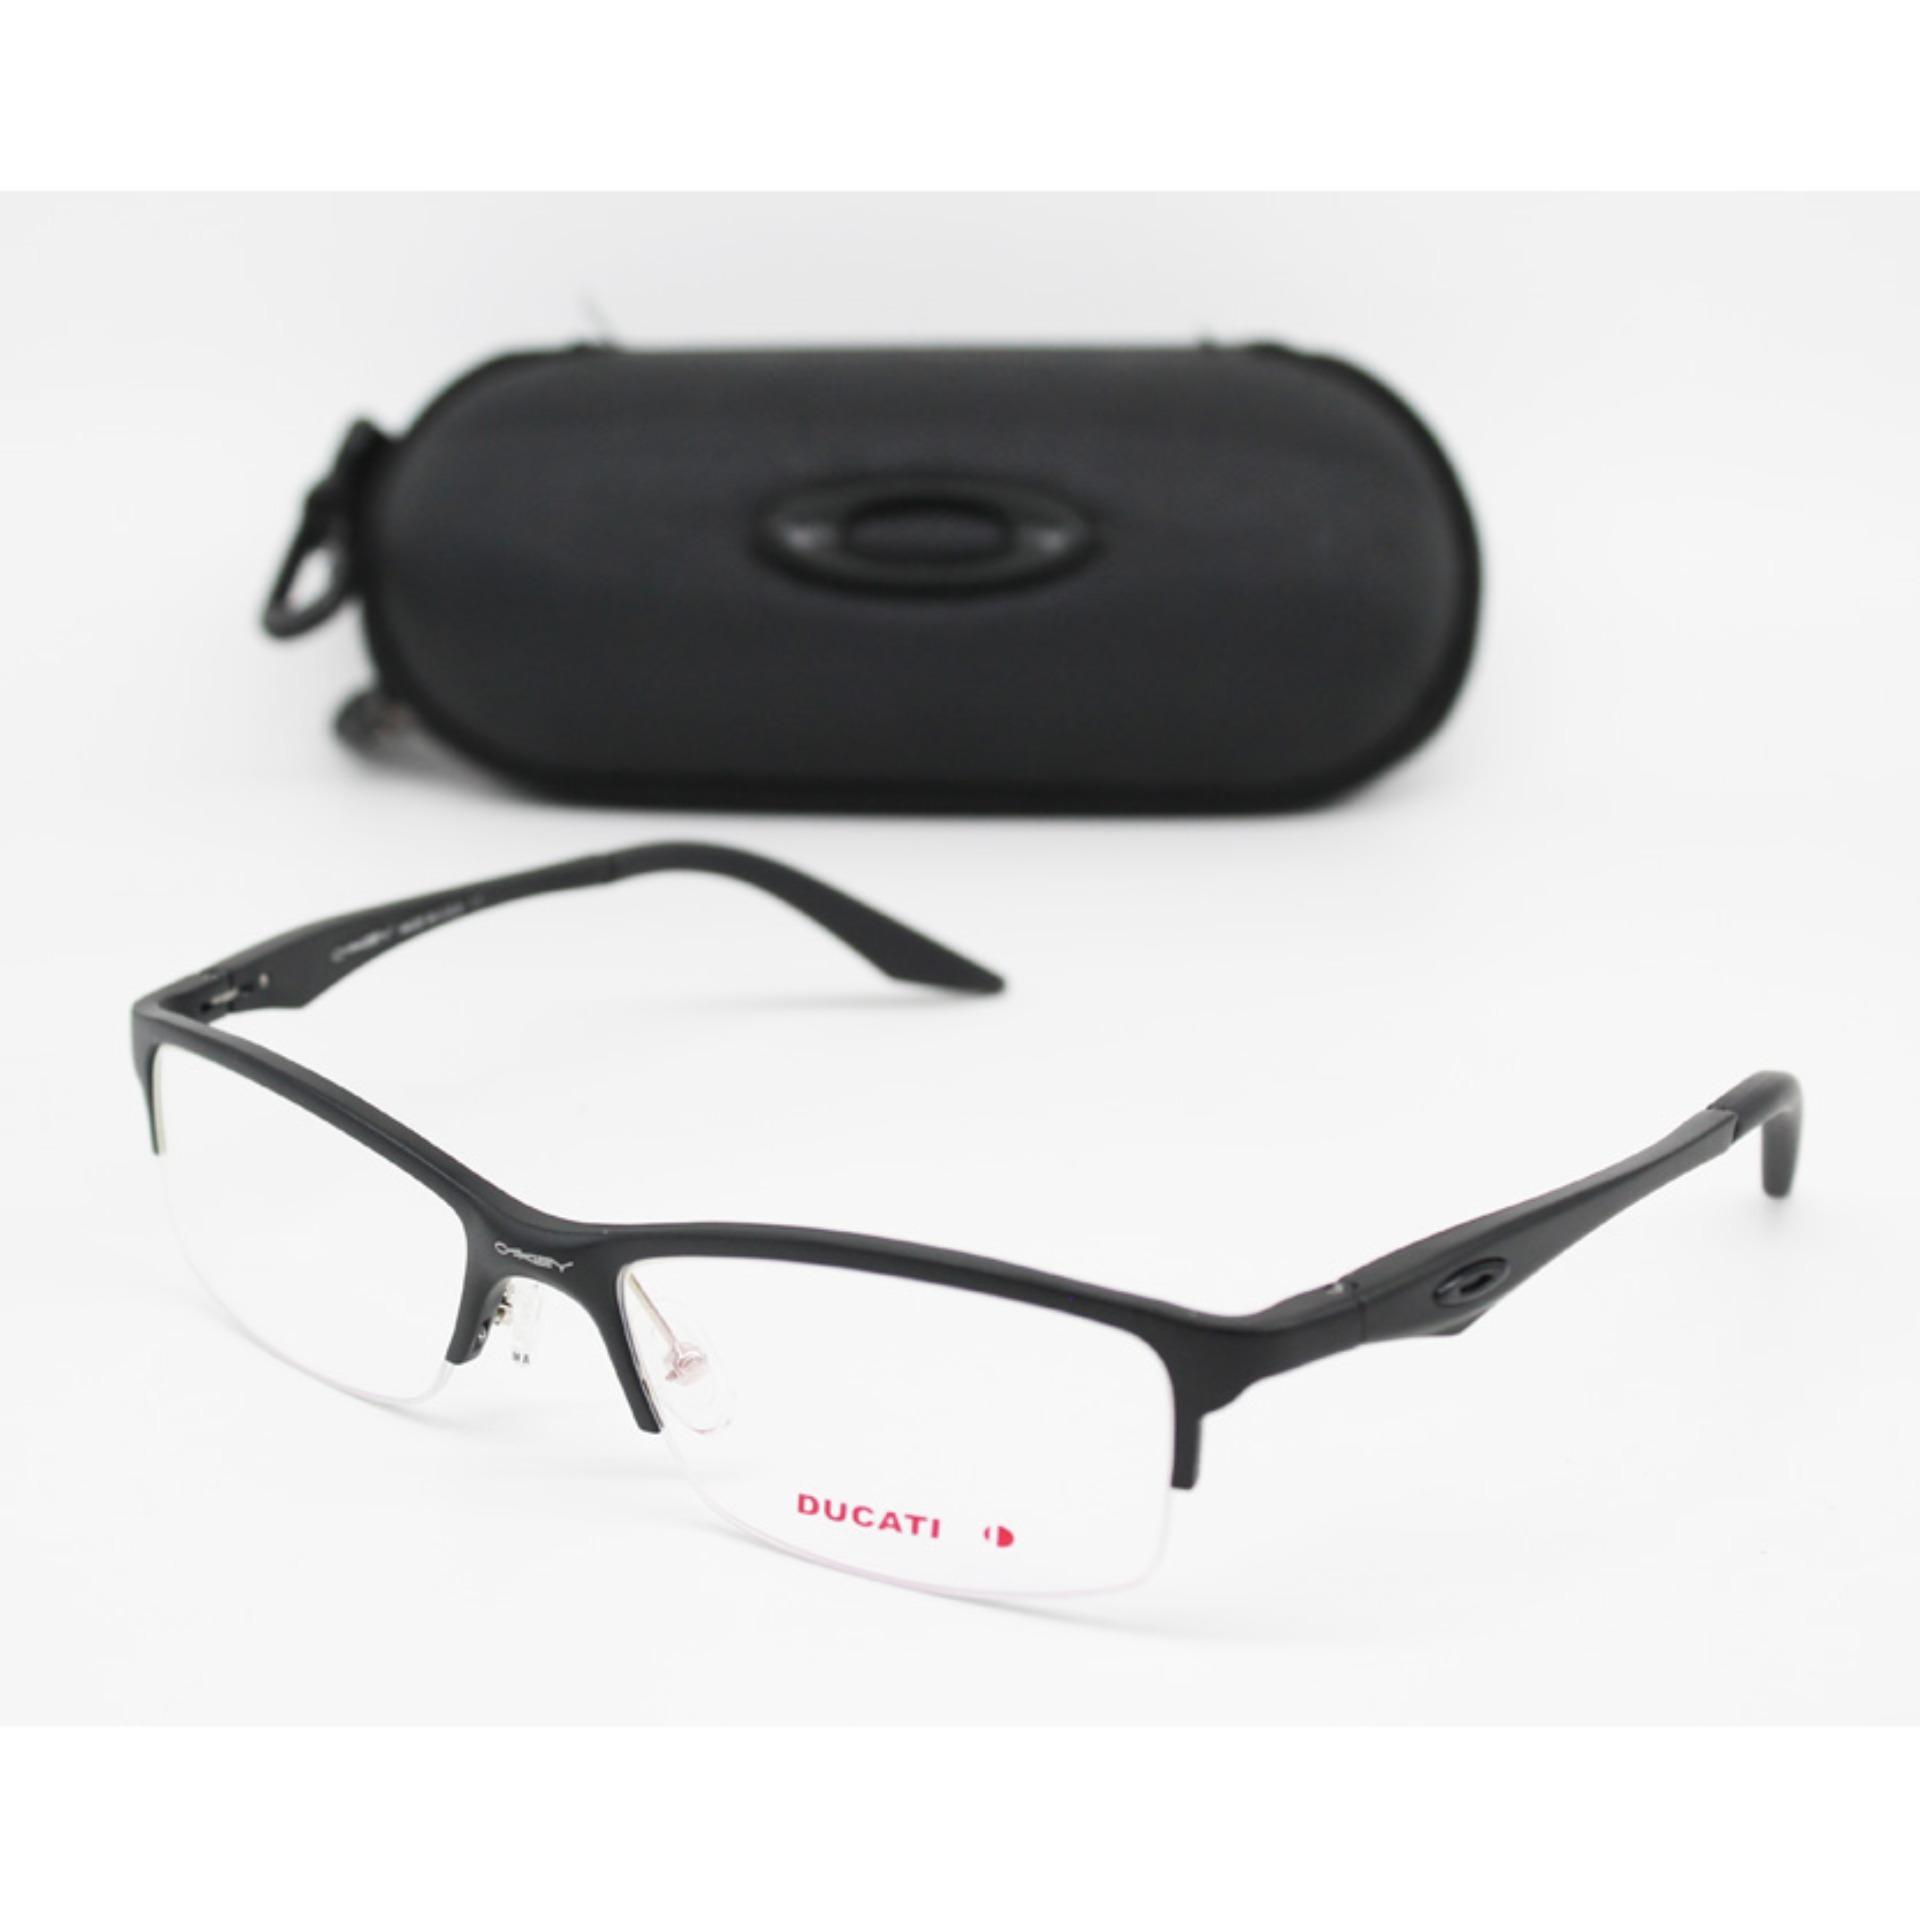 ... Hitam Coklat Bisa Dipasang Lensa Minus Di Optik Terdekat dan Info Lengkap. Source · Frame Kacamata Minus Anti Radiasi Ducati Sporty 0118 Half Frame Pria